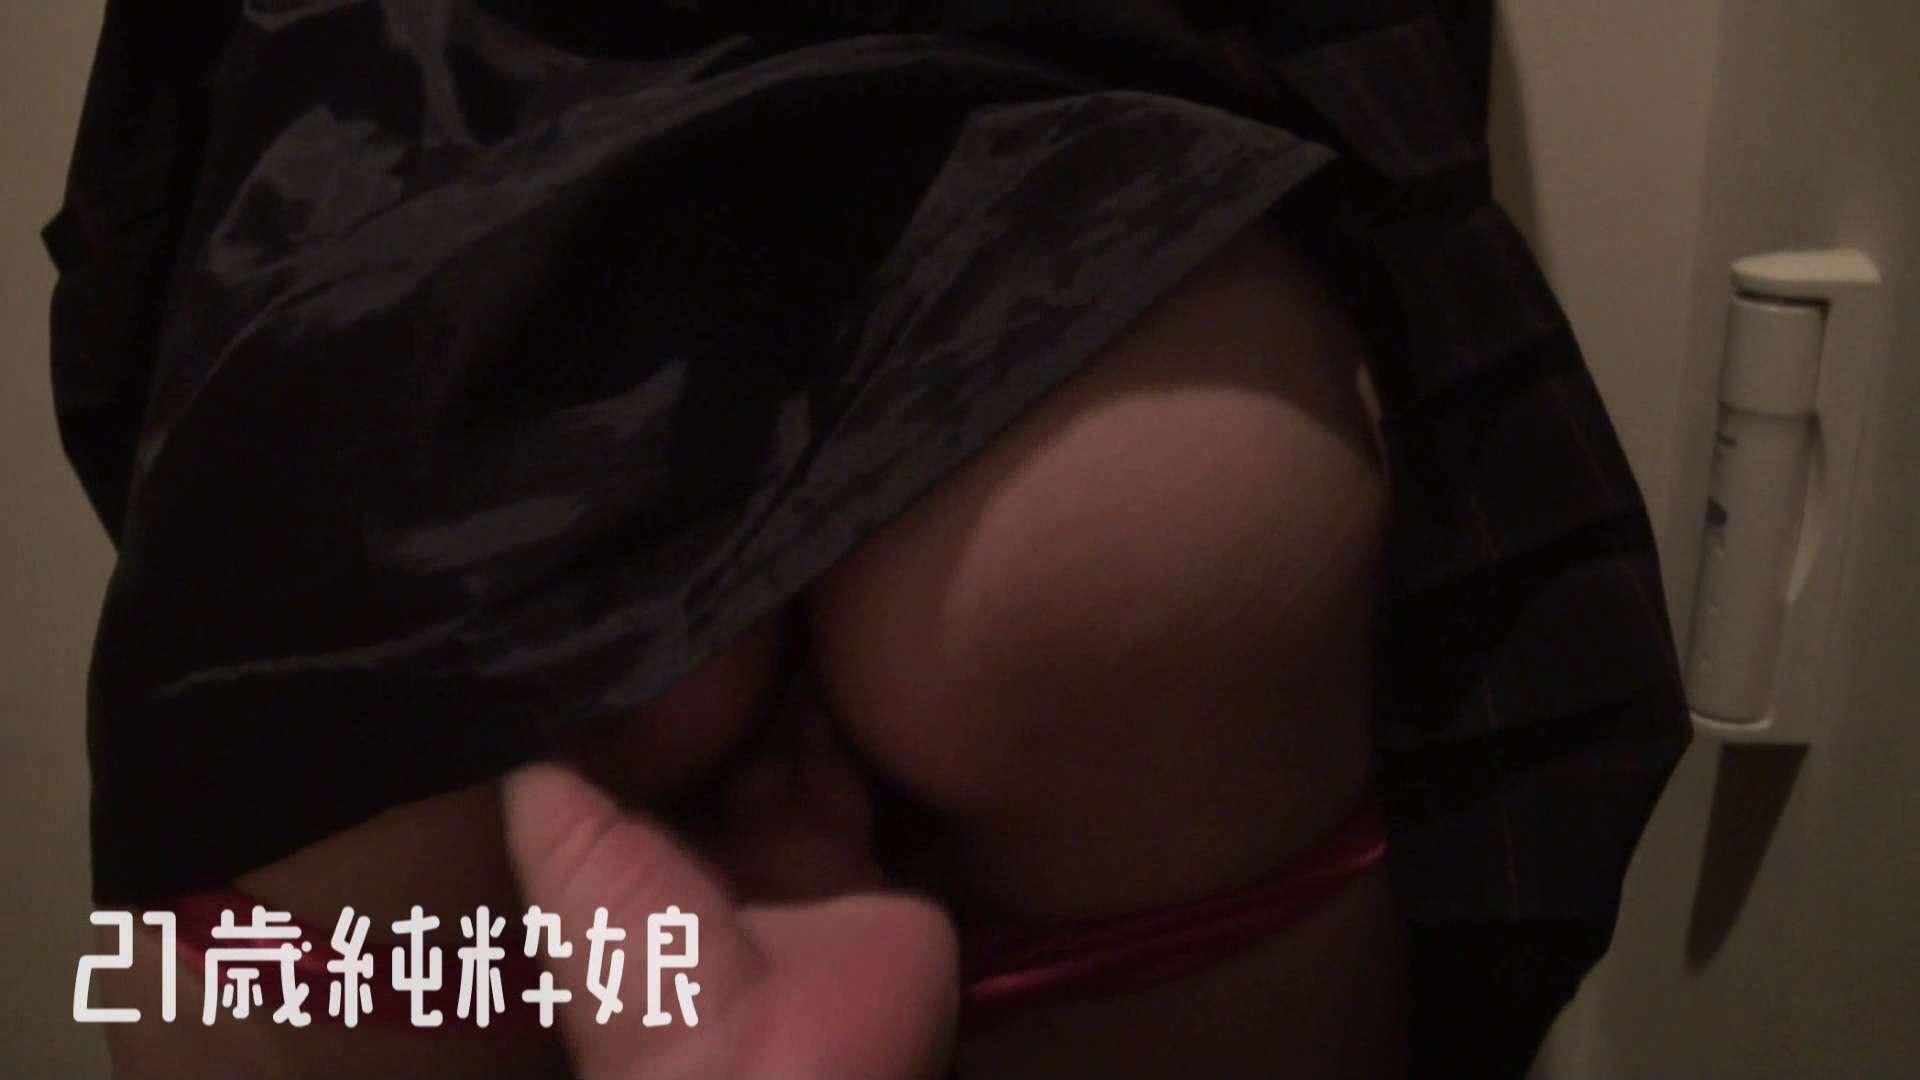 上京したばかりのGカップ21歳純粋嬢を都合の良い女にしてみた 学校 | 投稿映像  86pic 28